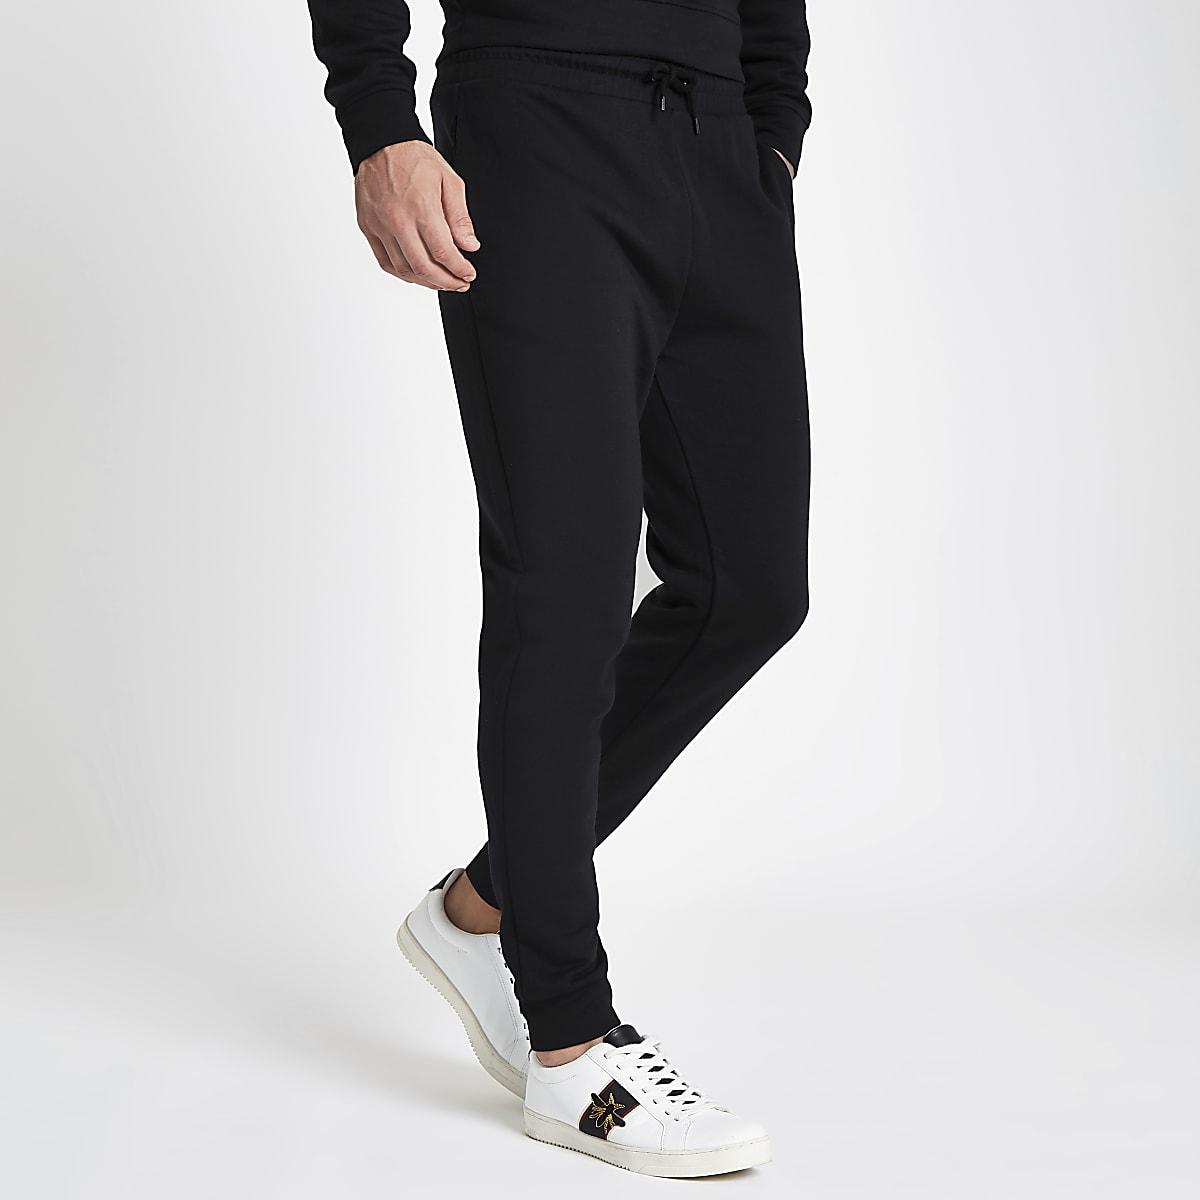 Black slim fit joggers